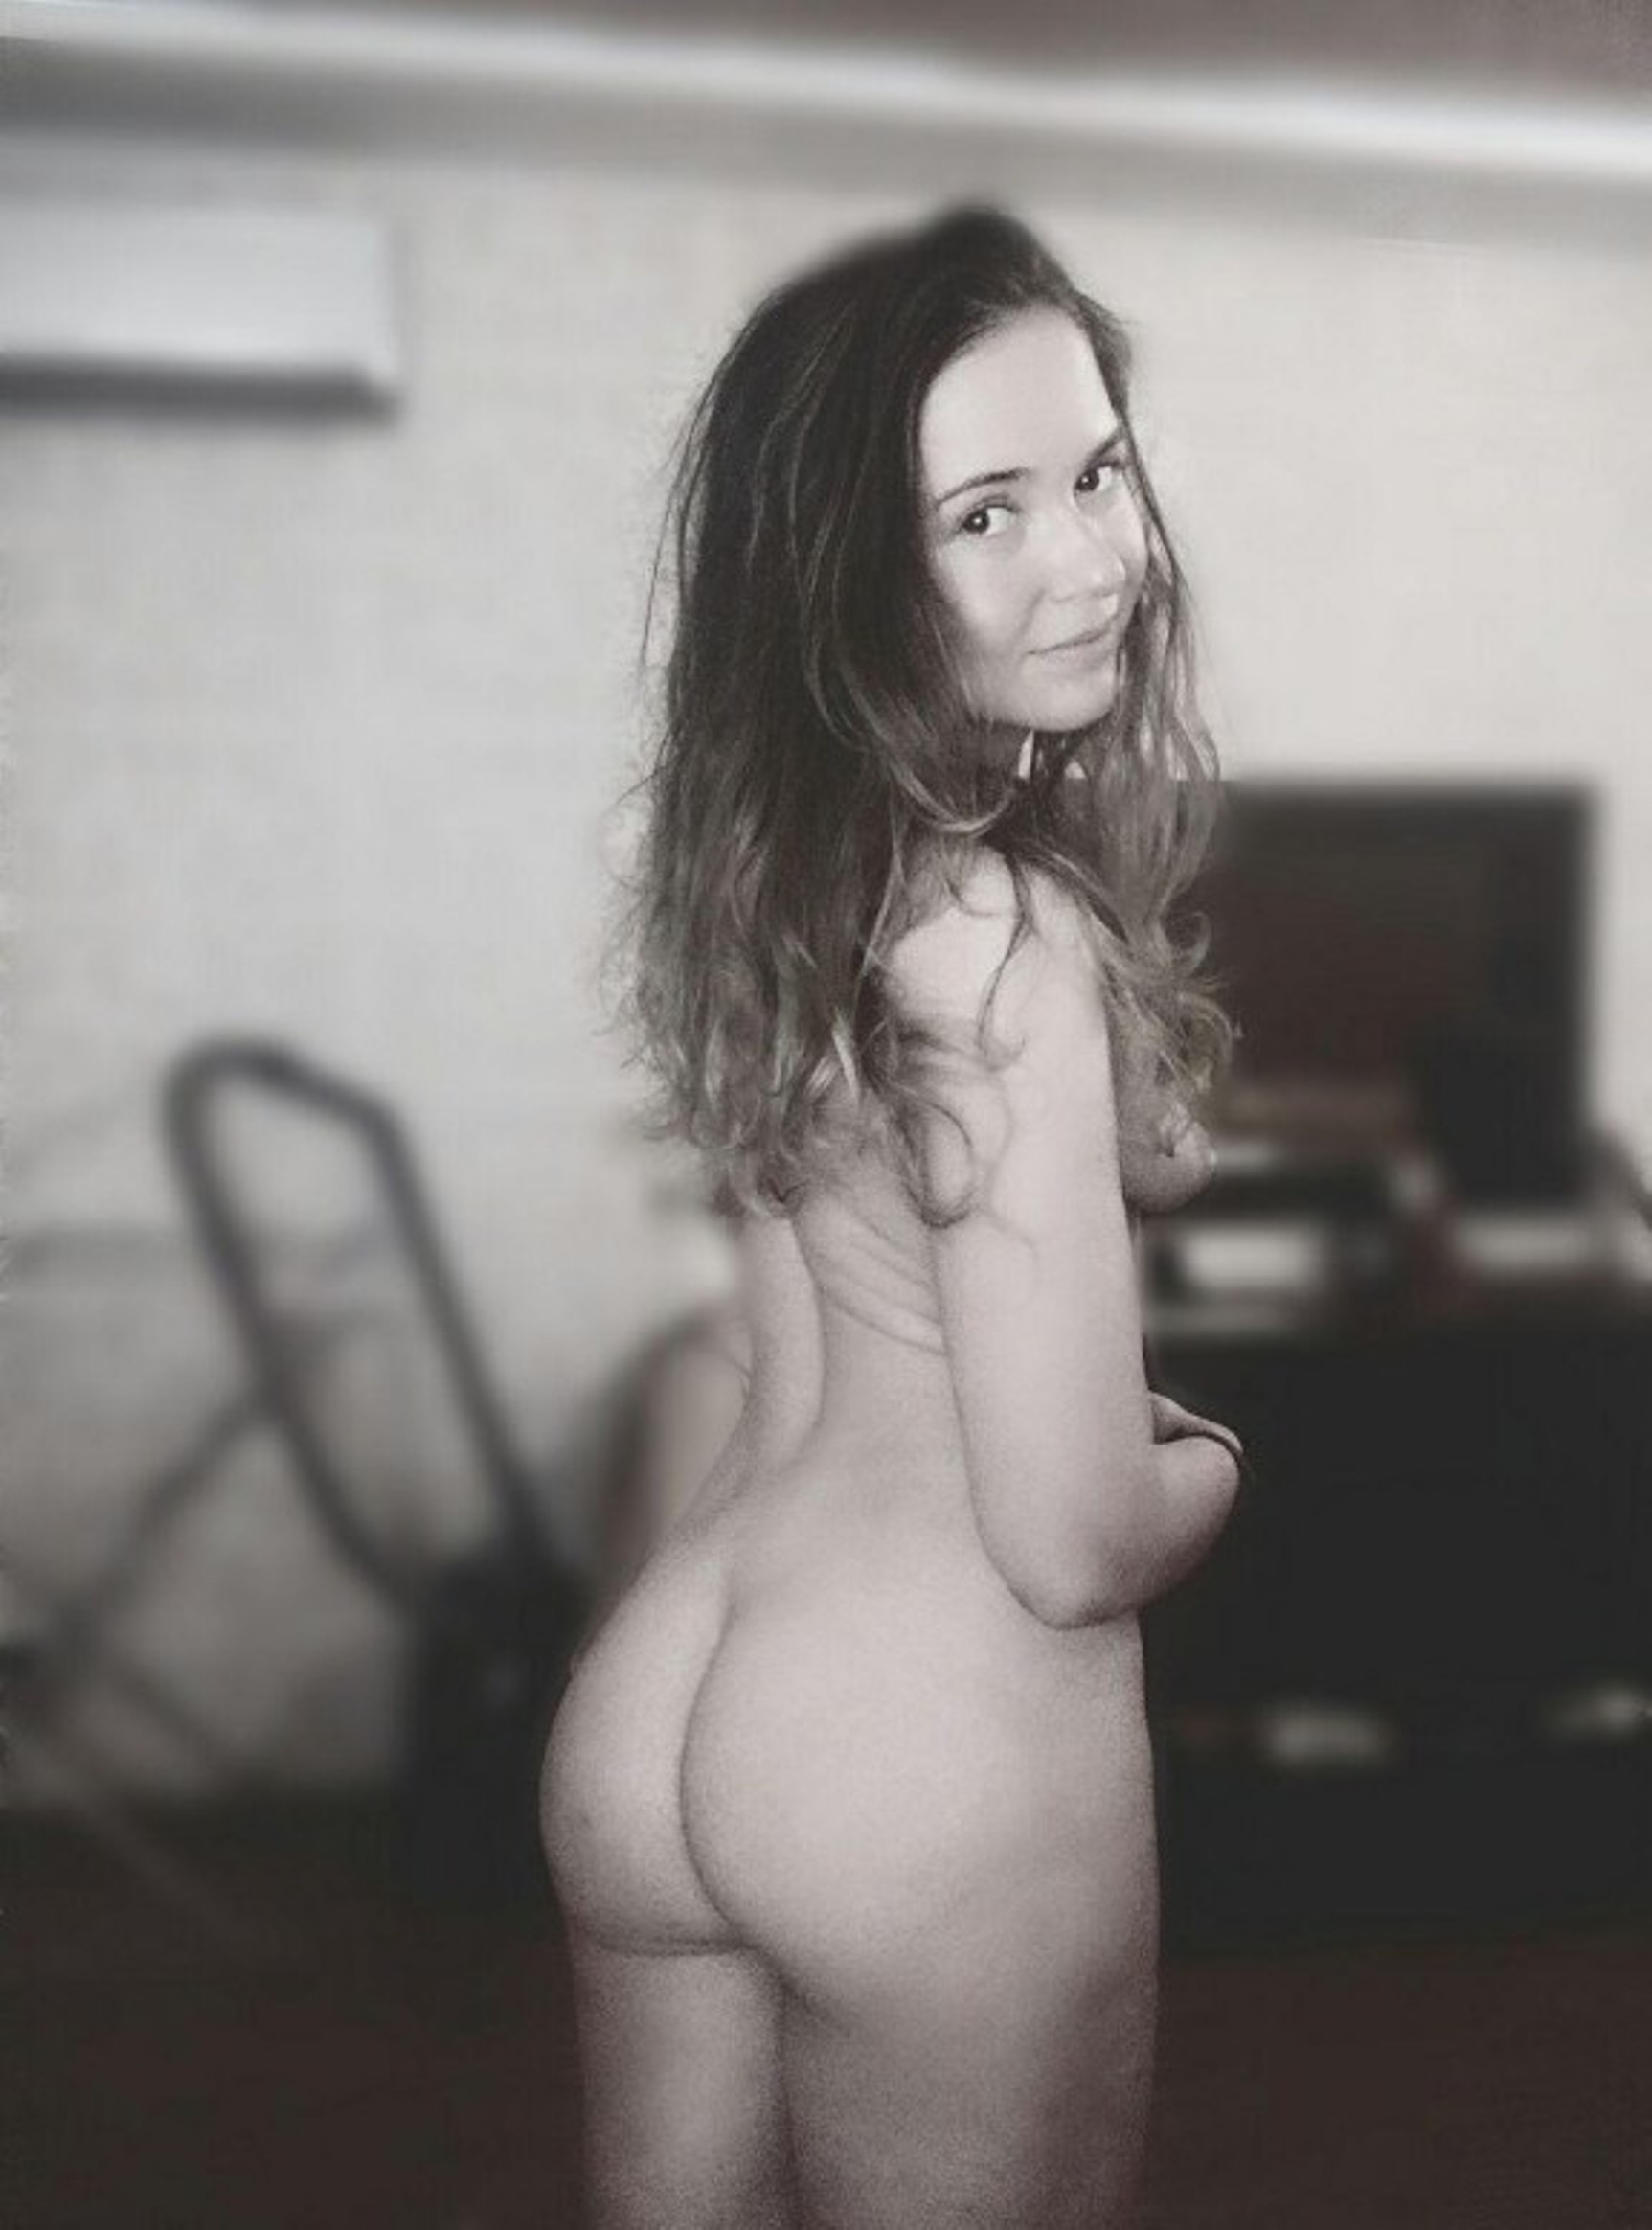 Леся Люкс (28 gadi) (Foto!) iepazīsies ar vīrieti nopietnām attiecībām (Sludinājums Nr.5410956)